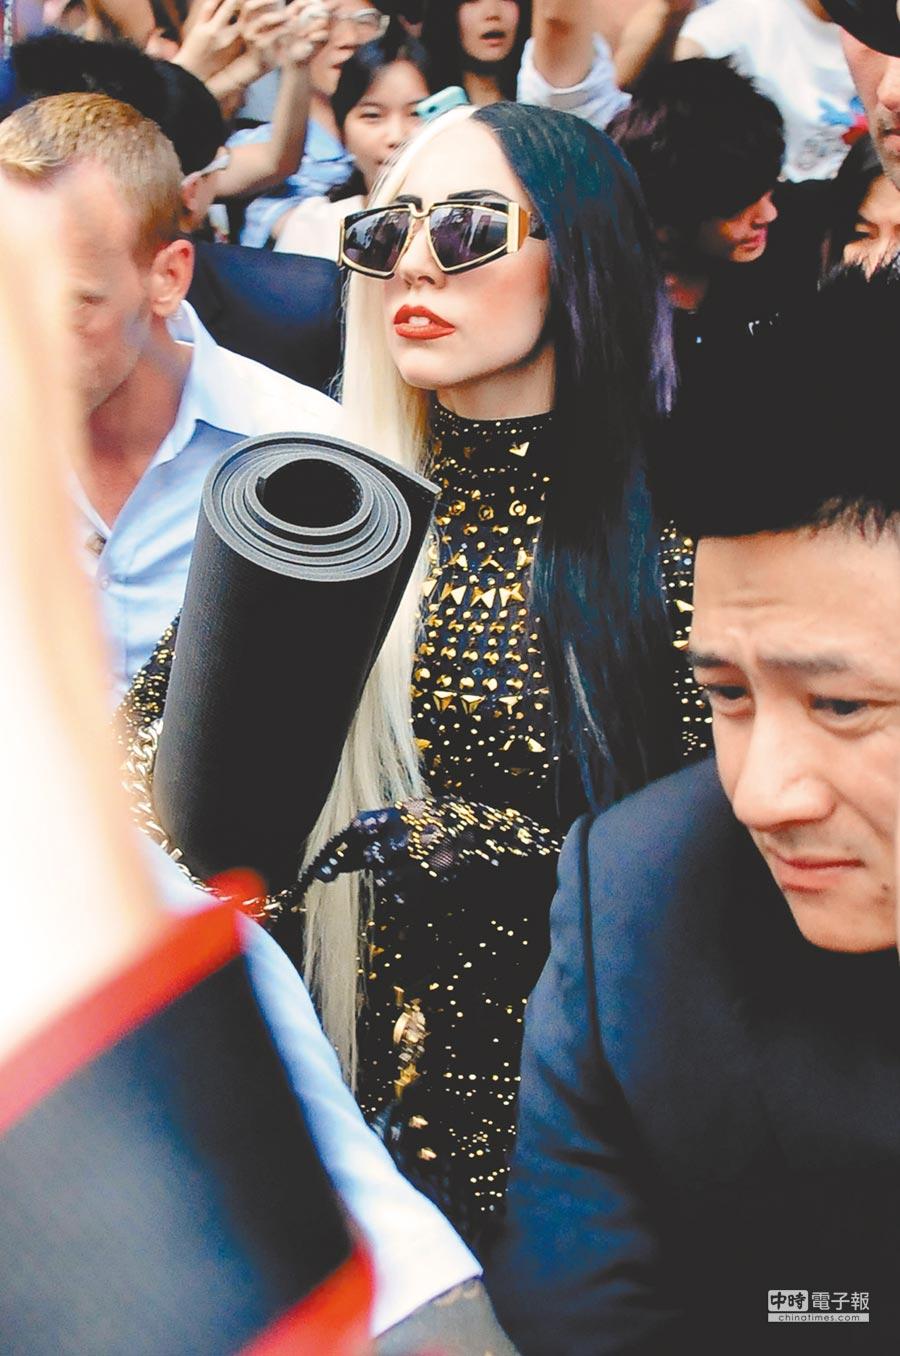 數年前Lady Gaga來台曾至PURE YOGA練瑜伽,她帶著廠商送的瑜伽墊離開時幾乎癱瘓台北市東區的交通。(本報資料照)